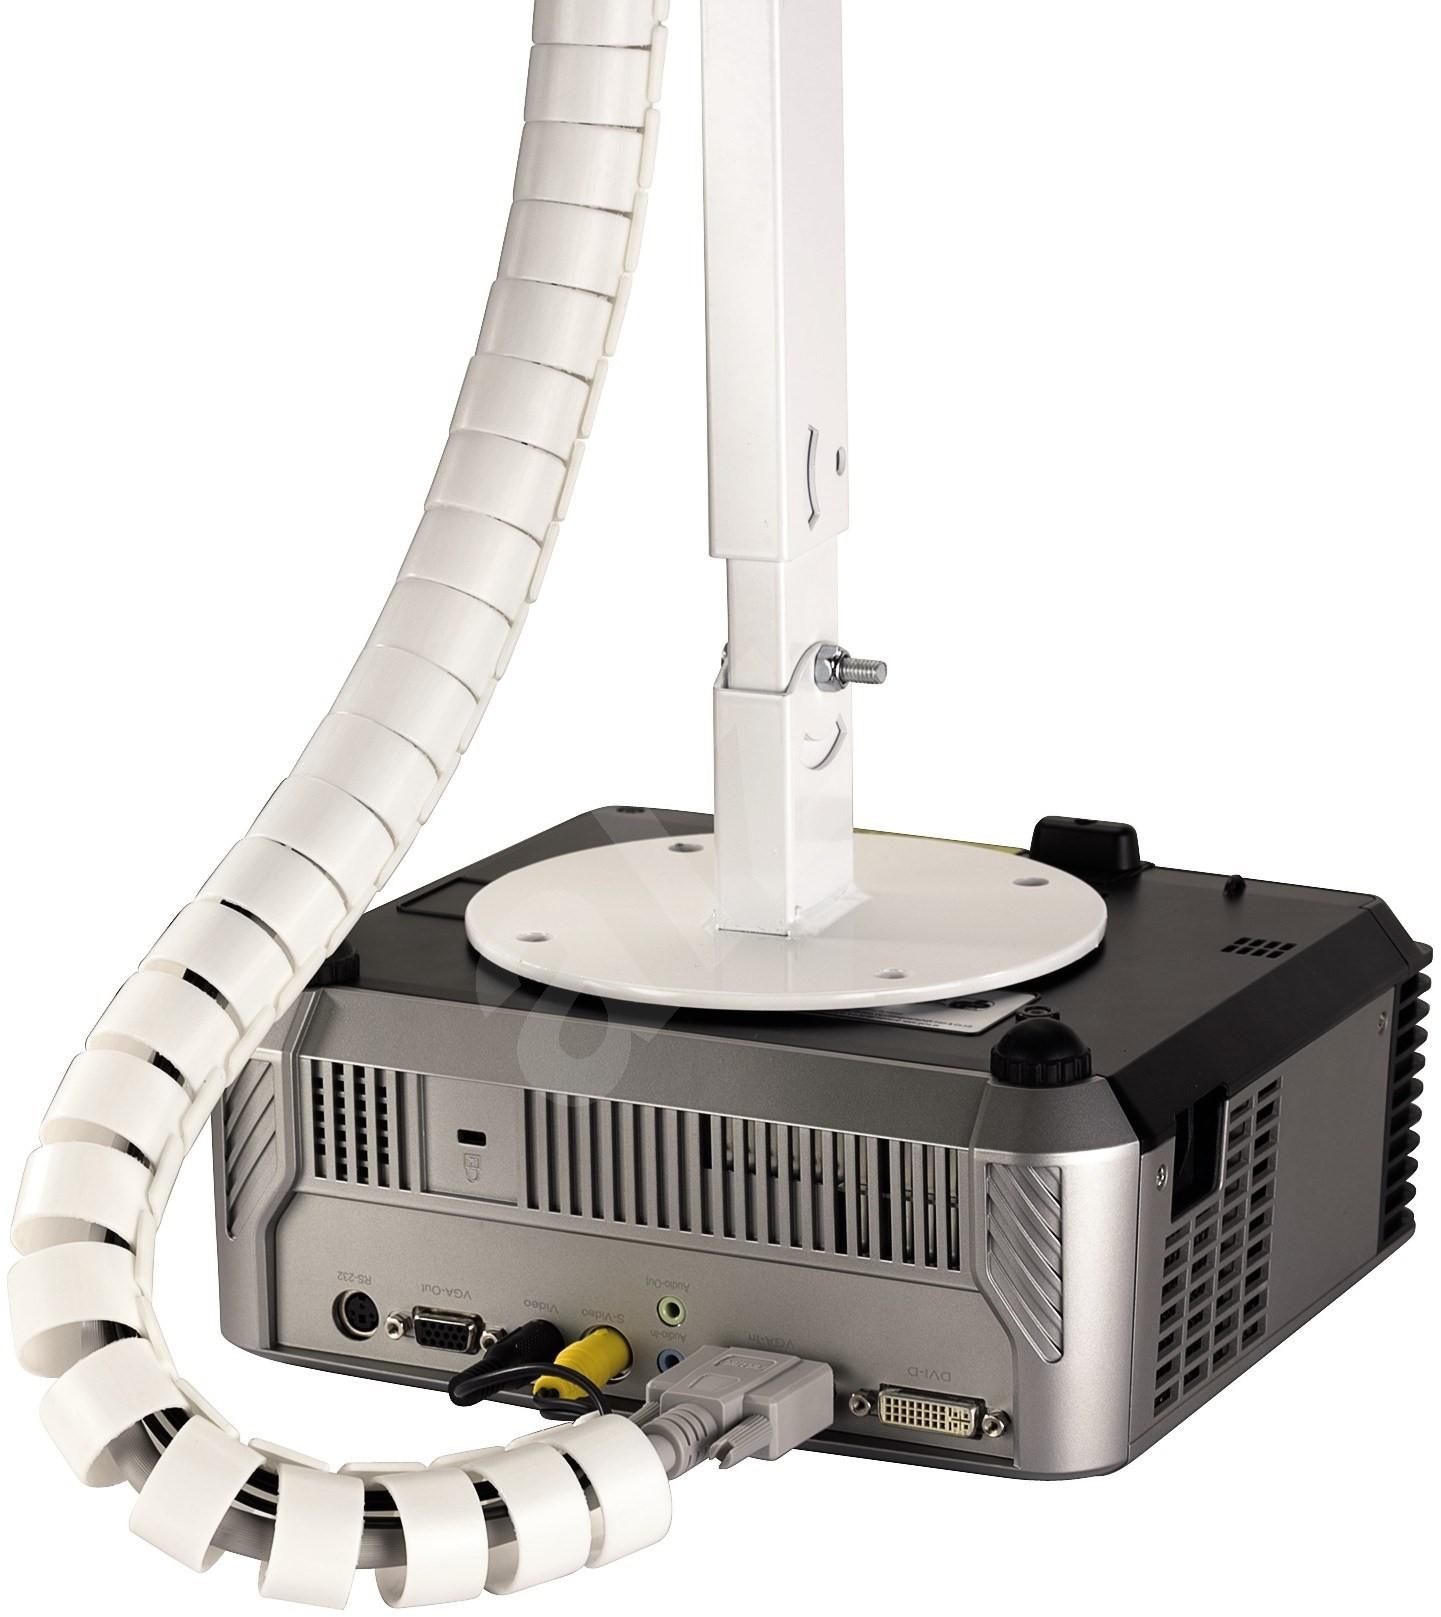 rohre f r kabel 1 5 m wei kabel organizer. Black Bedroom Furniture Sets. Home Design Ideas